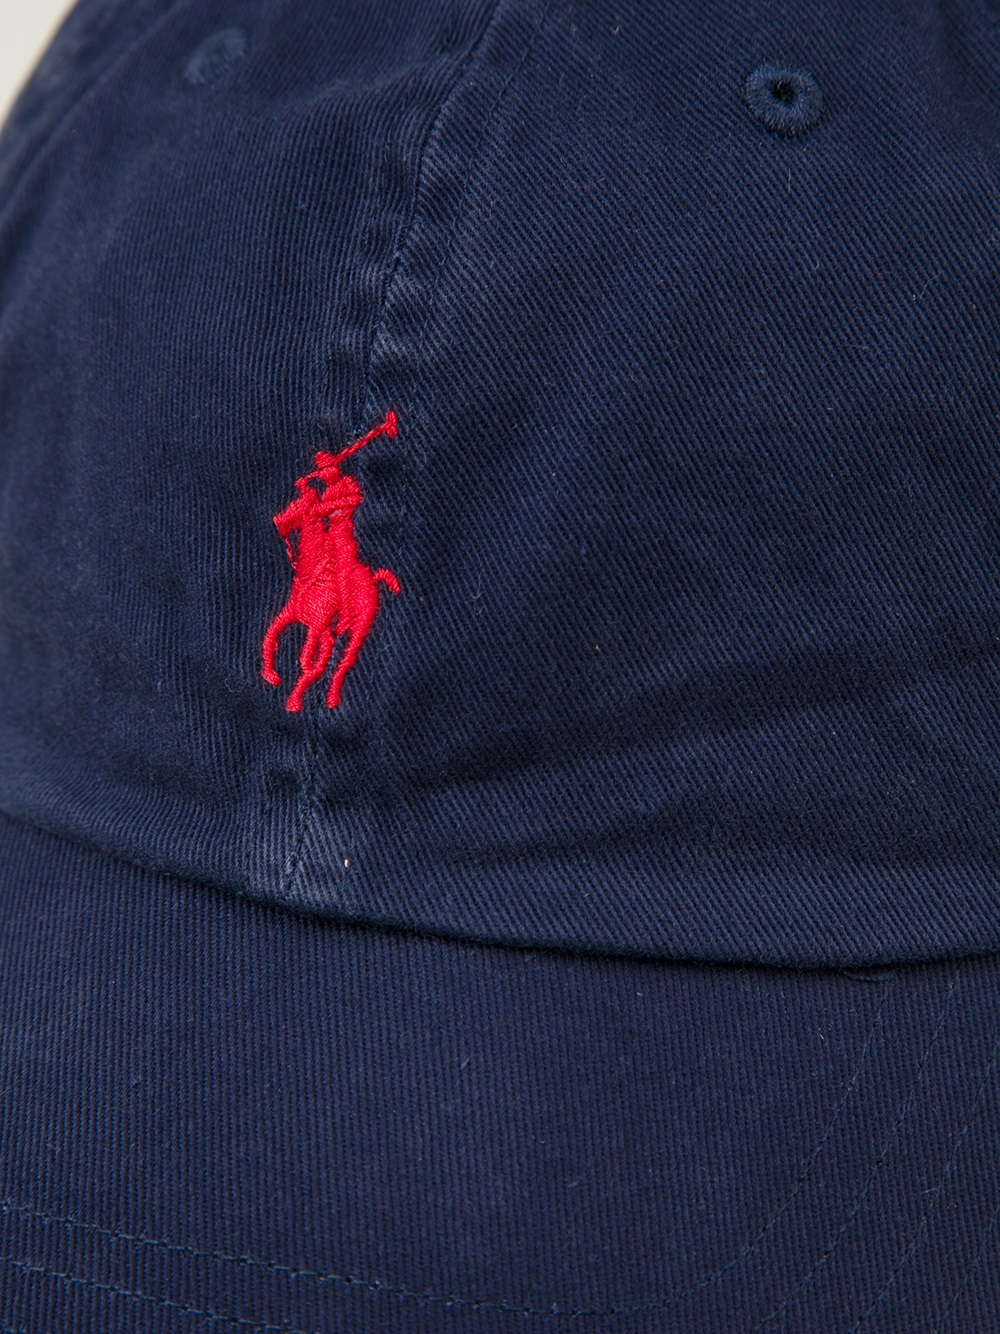 marein � ralph lauren logo embroidery